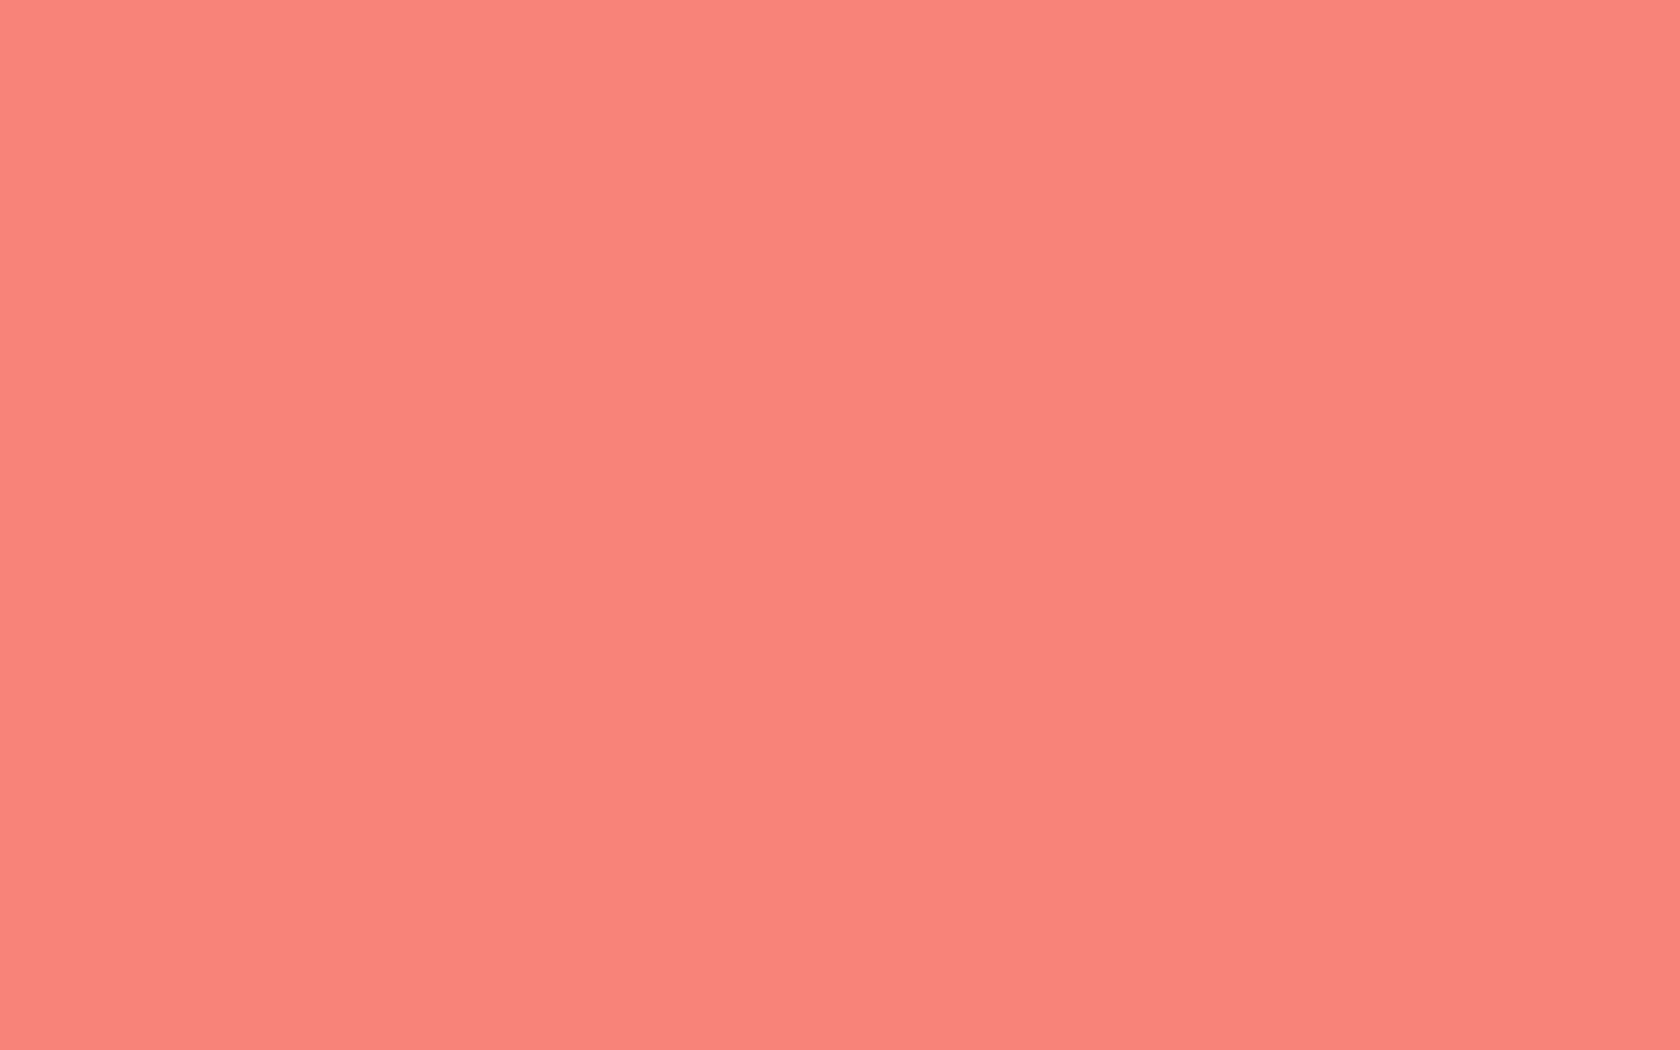 1680x1050 Tea Rose Orange Solid Color Background